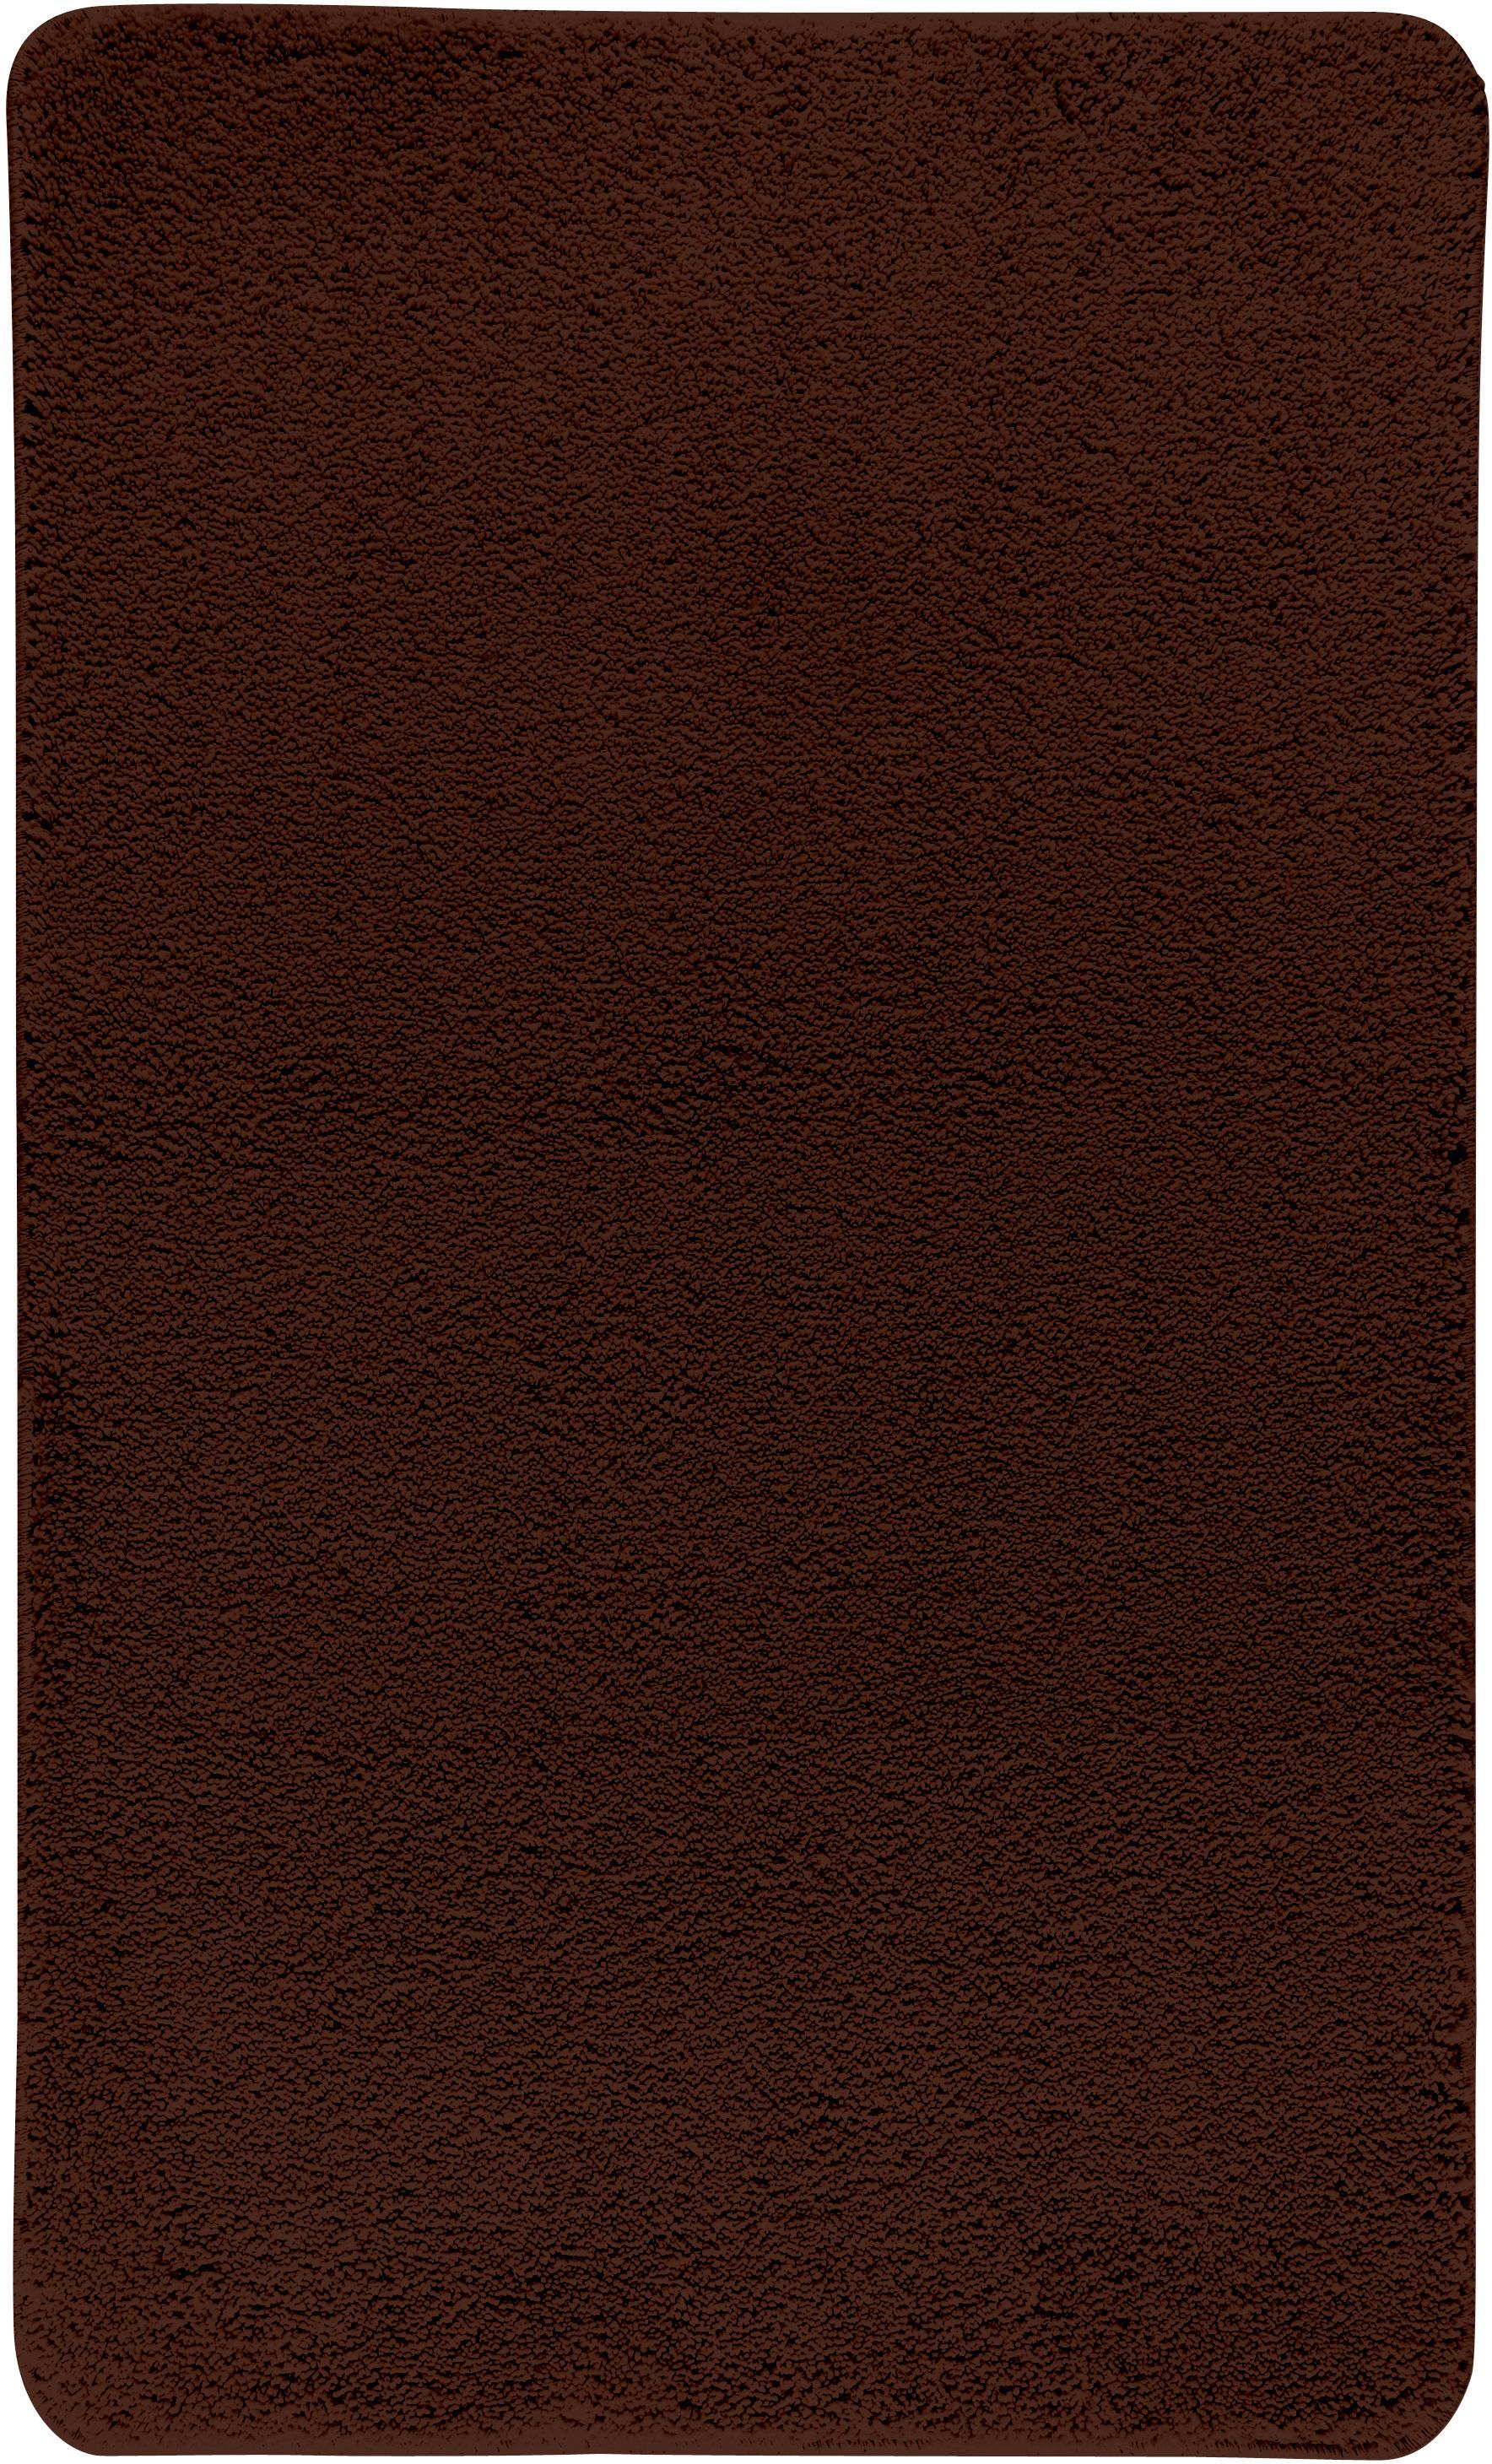 Коврик для ванной Axentia, прямоугольный, цвет: коричневый, 60 х 100 см116078Коврик для ванной комнаты из микрофибры, прямоугольный, большой 60х100 см. Высота ворса 1,5 см, стеганный. Противоскользящее основание изготовлено из термопластичной резины и подходит для полов с подогревом. Коврик мягкий и приятный на ощупь, отлично впитывает влагу и быстро сохнет. Можно стирать в стиральной машине. Высокая износостойкость коврика и стойкость цвета позволит вам наслаждаться покупкой долгие годы. Широкая гамма расцветок ковриков Axentia удовлетворит самый притязательный вкус.